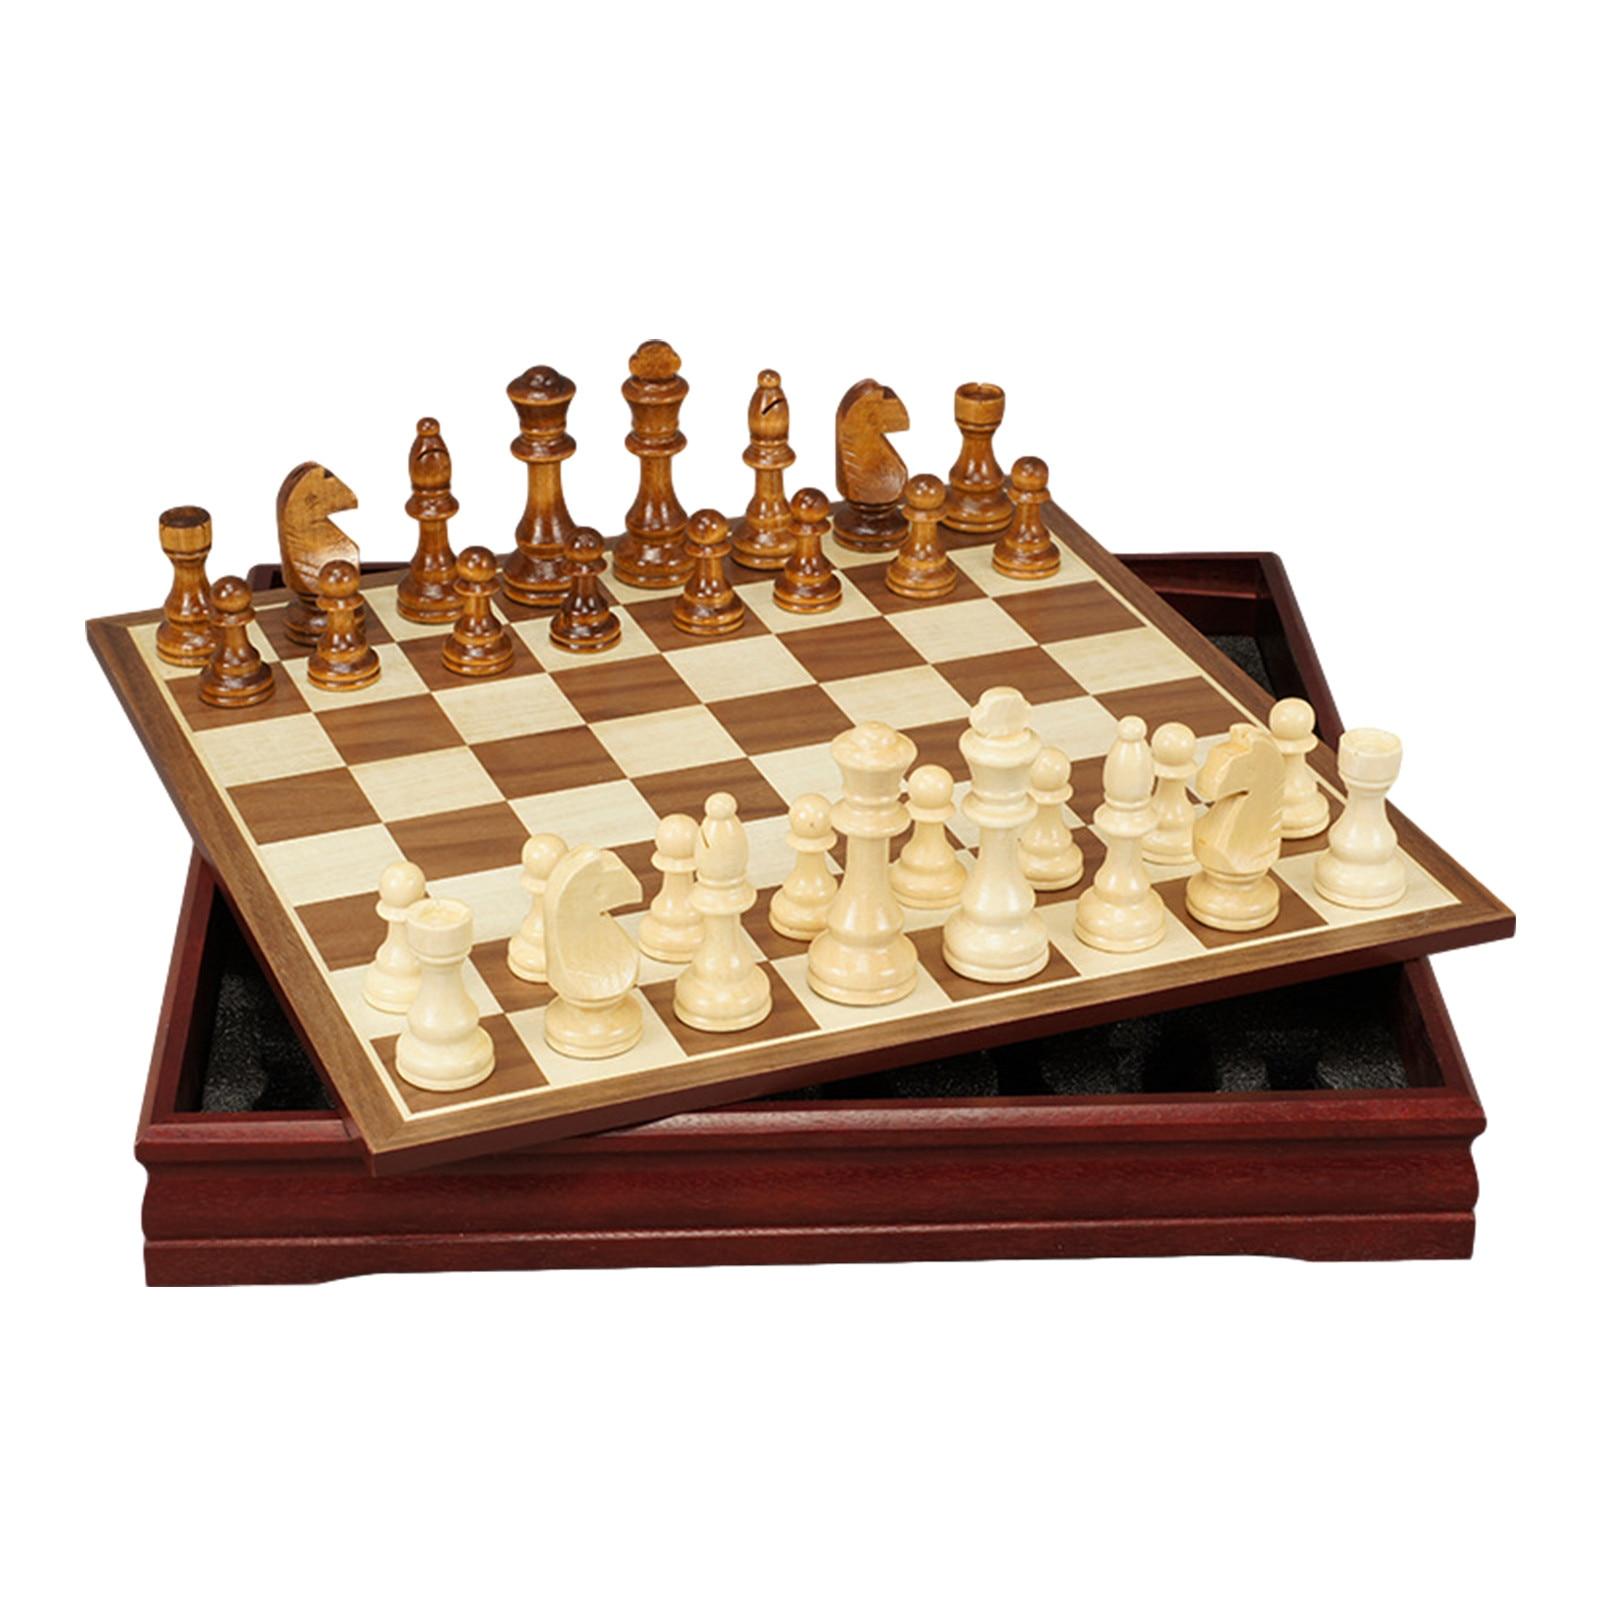 Set di scacchi in legno pezzi degli scacchi intagliati a mano tavolo da gioco 30*30*4cm deposito interno regalo per bambini adulti gioco per famiglie scacchiera 2021